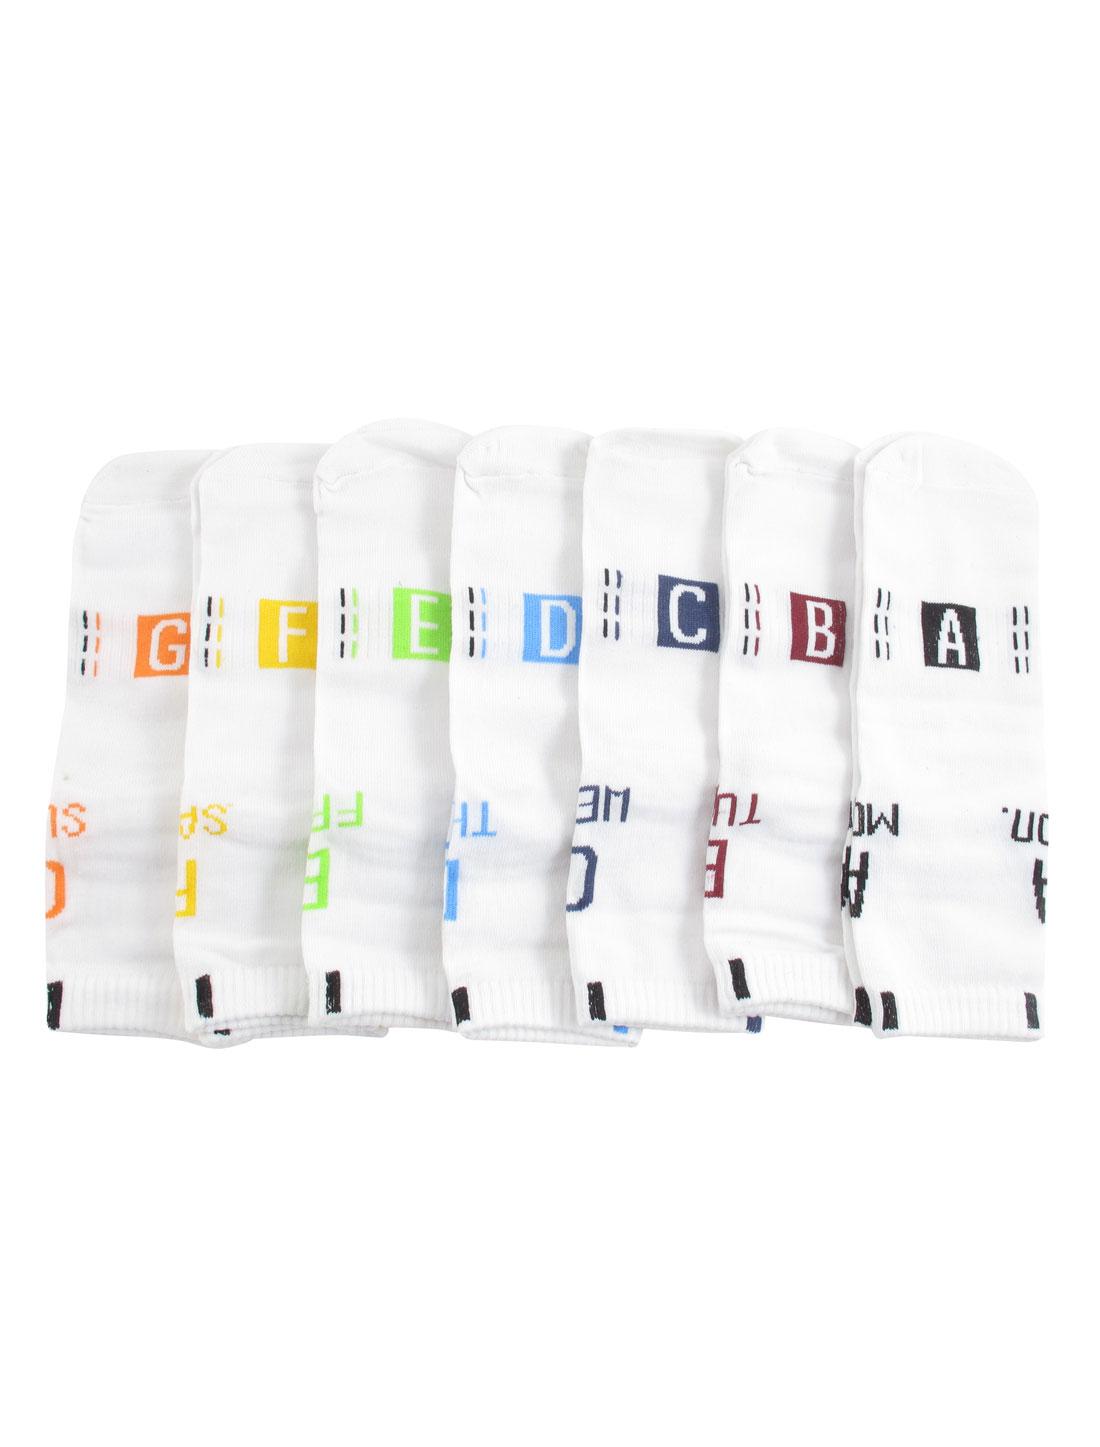 Man Soft Letters Pattern Elastic Ankle High Hosiery Week Socks White 7 Pairs